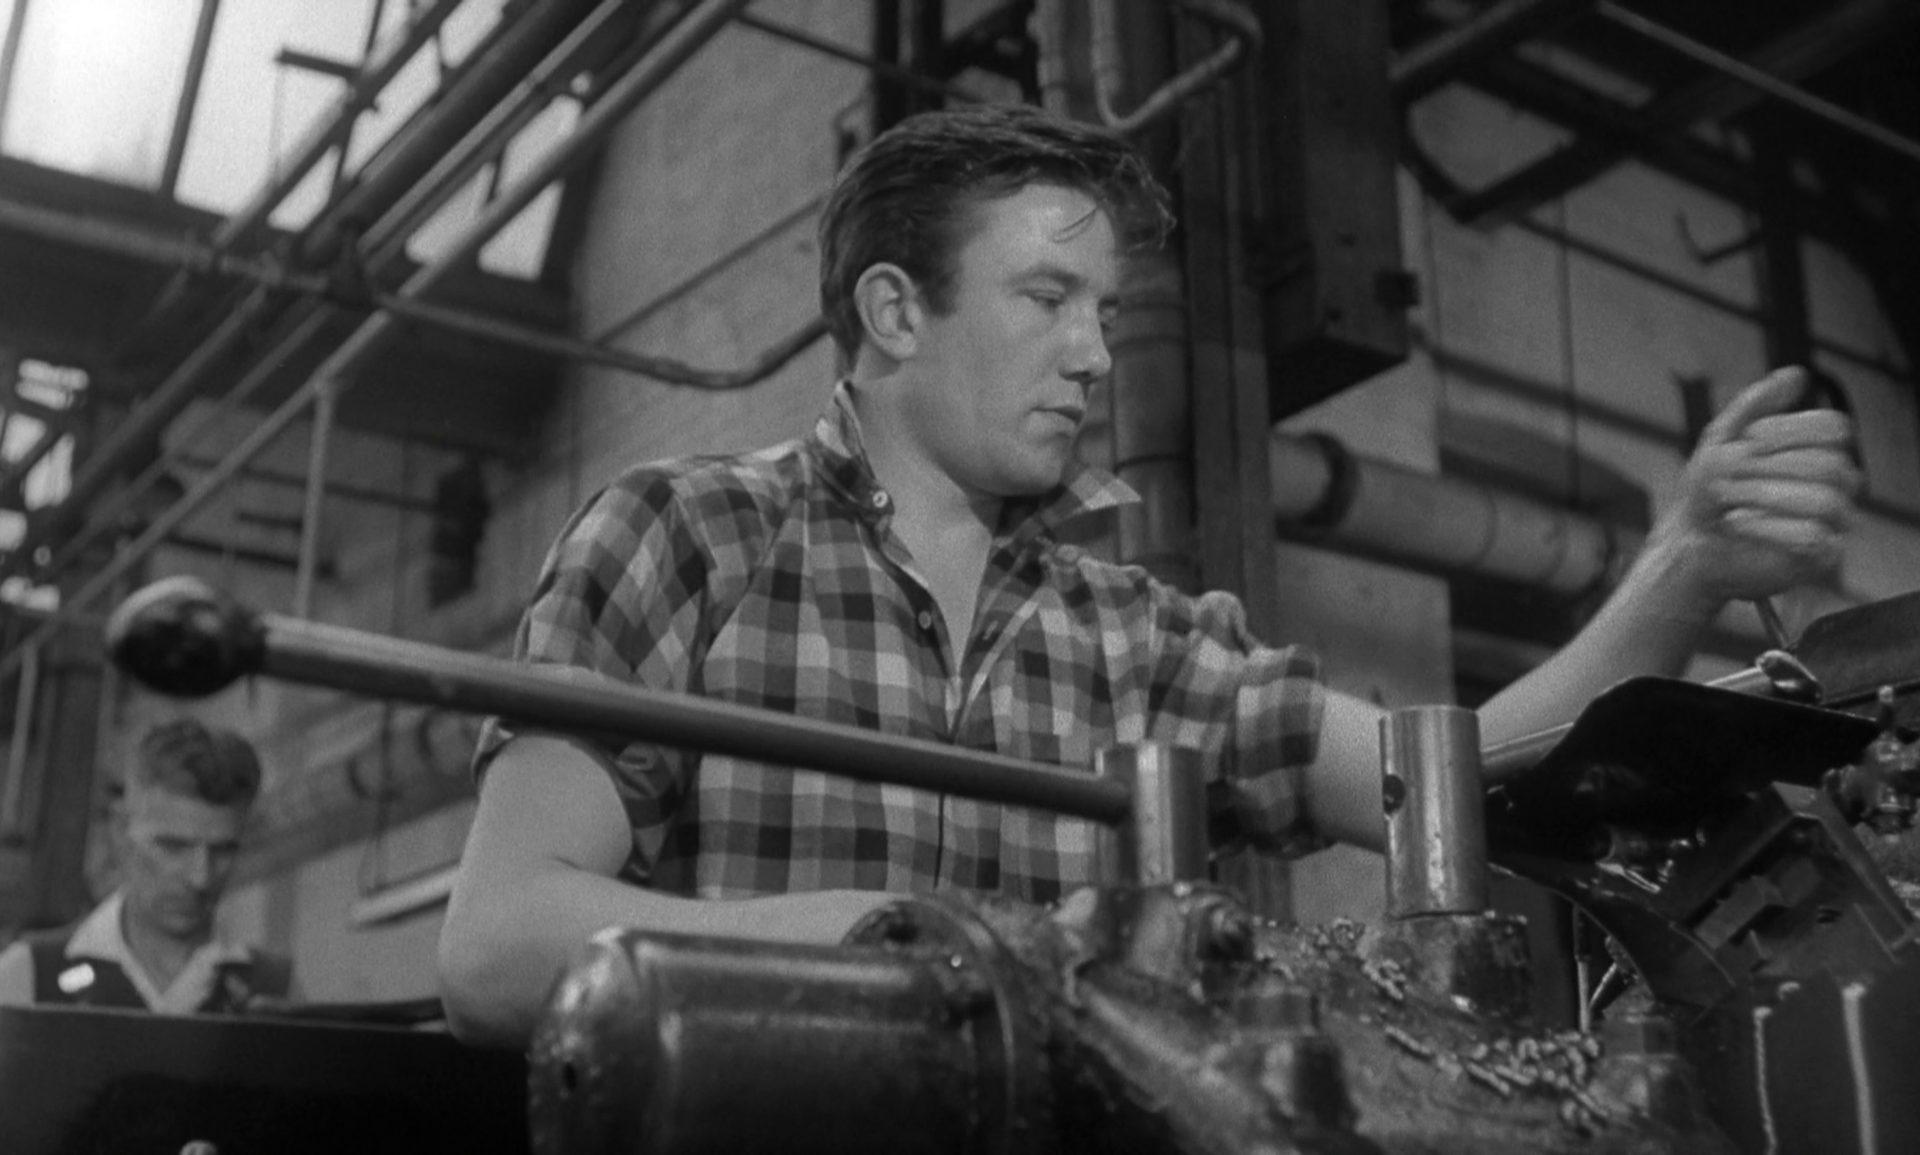 Nahaufnahme von Albert Finney als Arthur Seaton an seinem Fabrikarbeitsplatz im karierten Hemd mit hochgekrempelten Ärmeln.